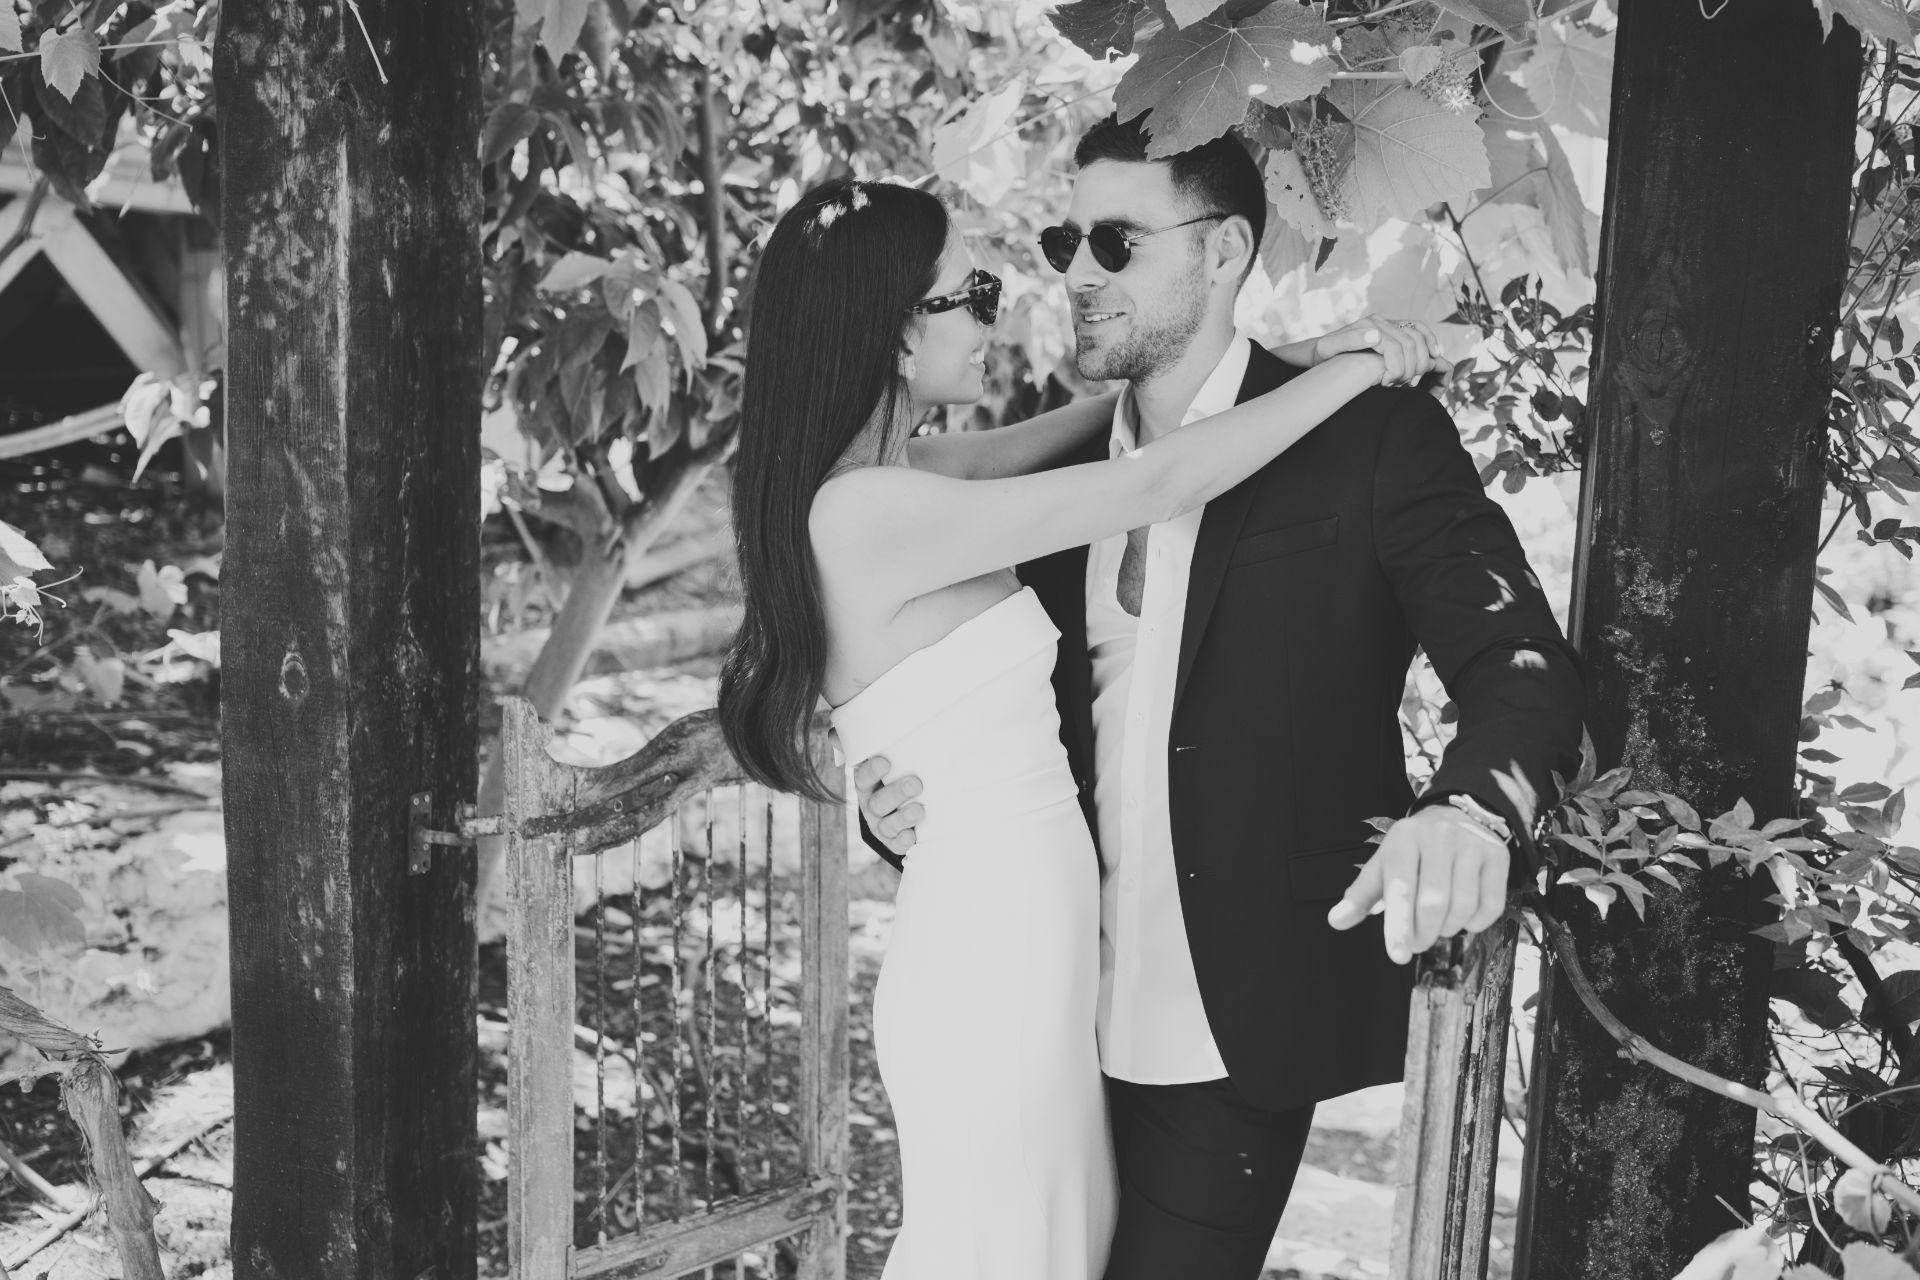 התחתנו בחצר הבית, במושב שבו גדלו ביחד